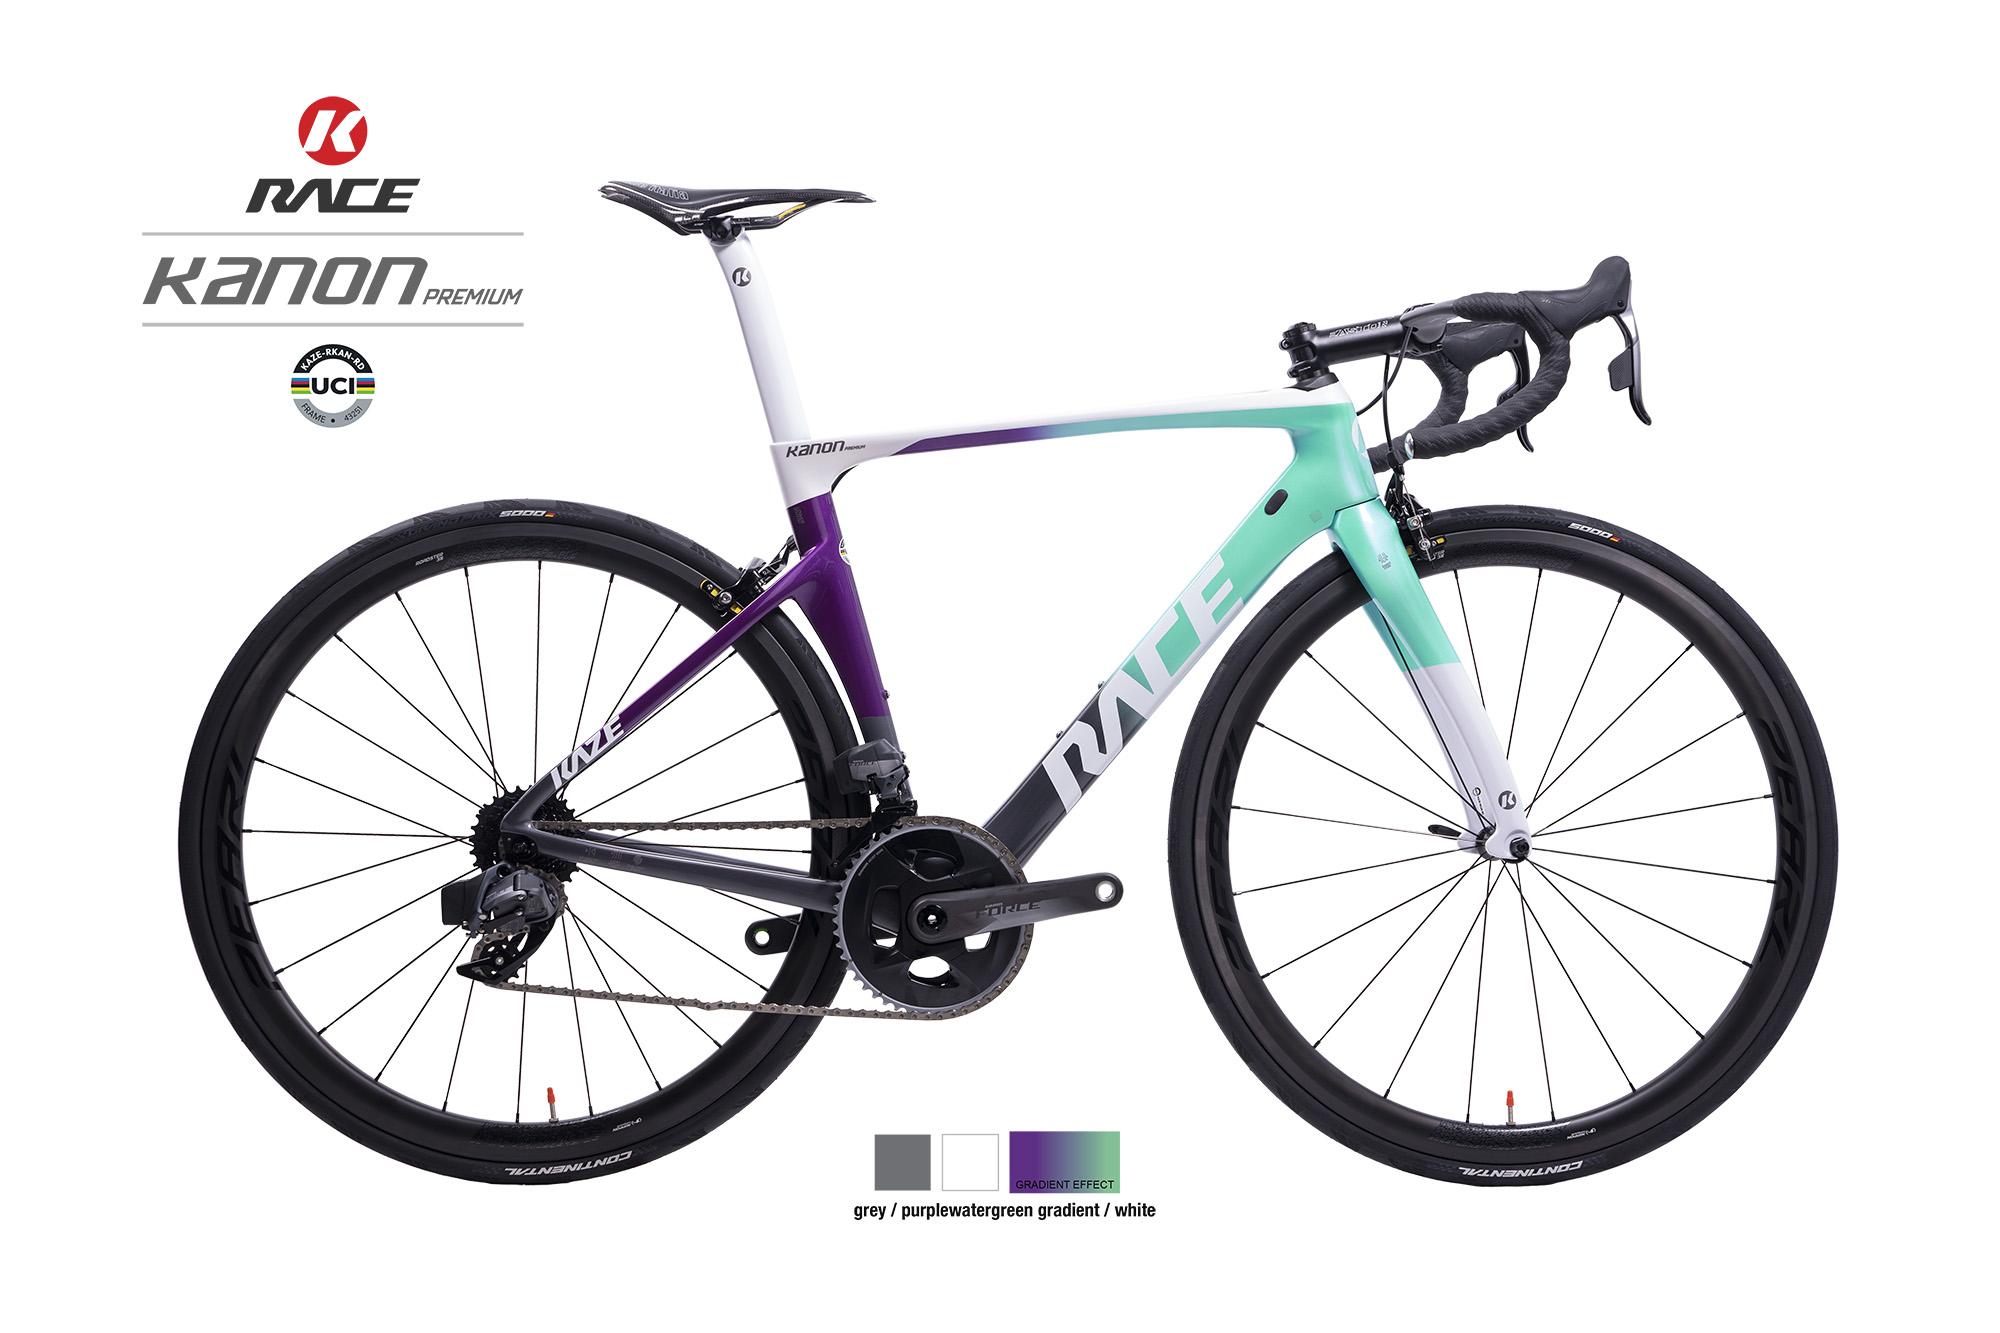 KAZE RACE   KANON Premium